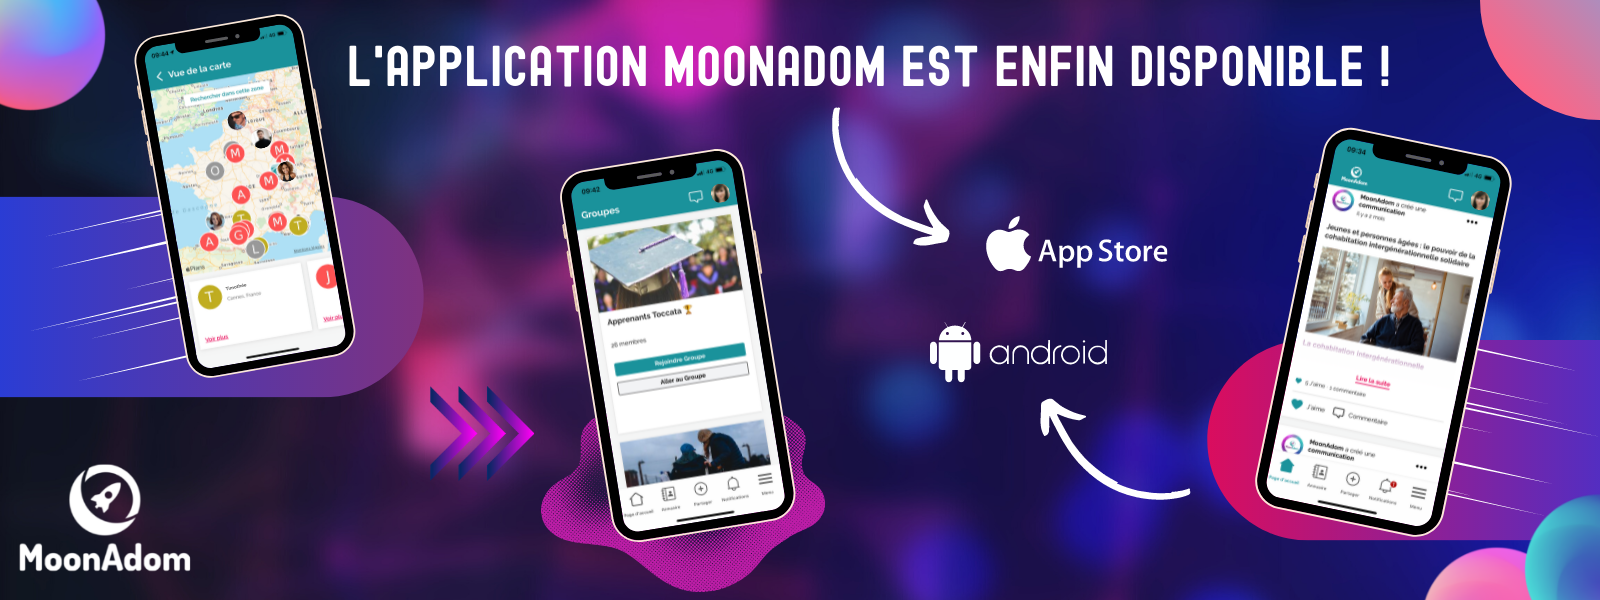 L'application MoonAdom est sortie ! Téléchargez-la vite sur Androïd et sur l'Appstore !